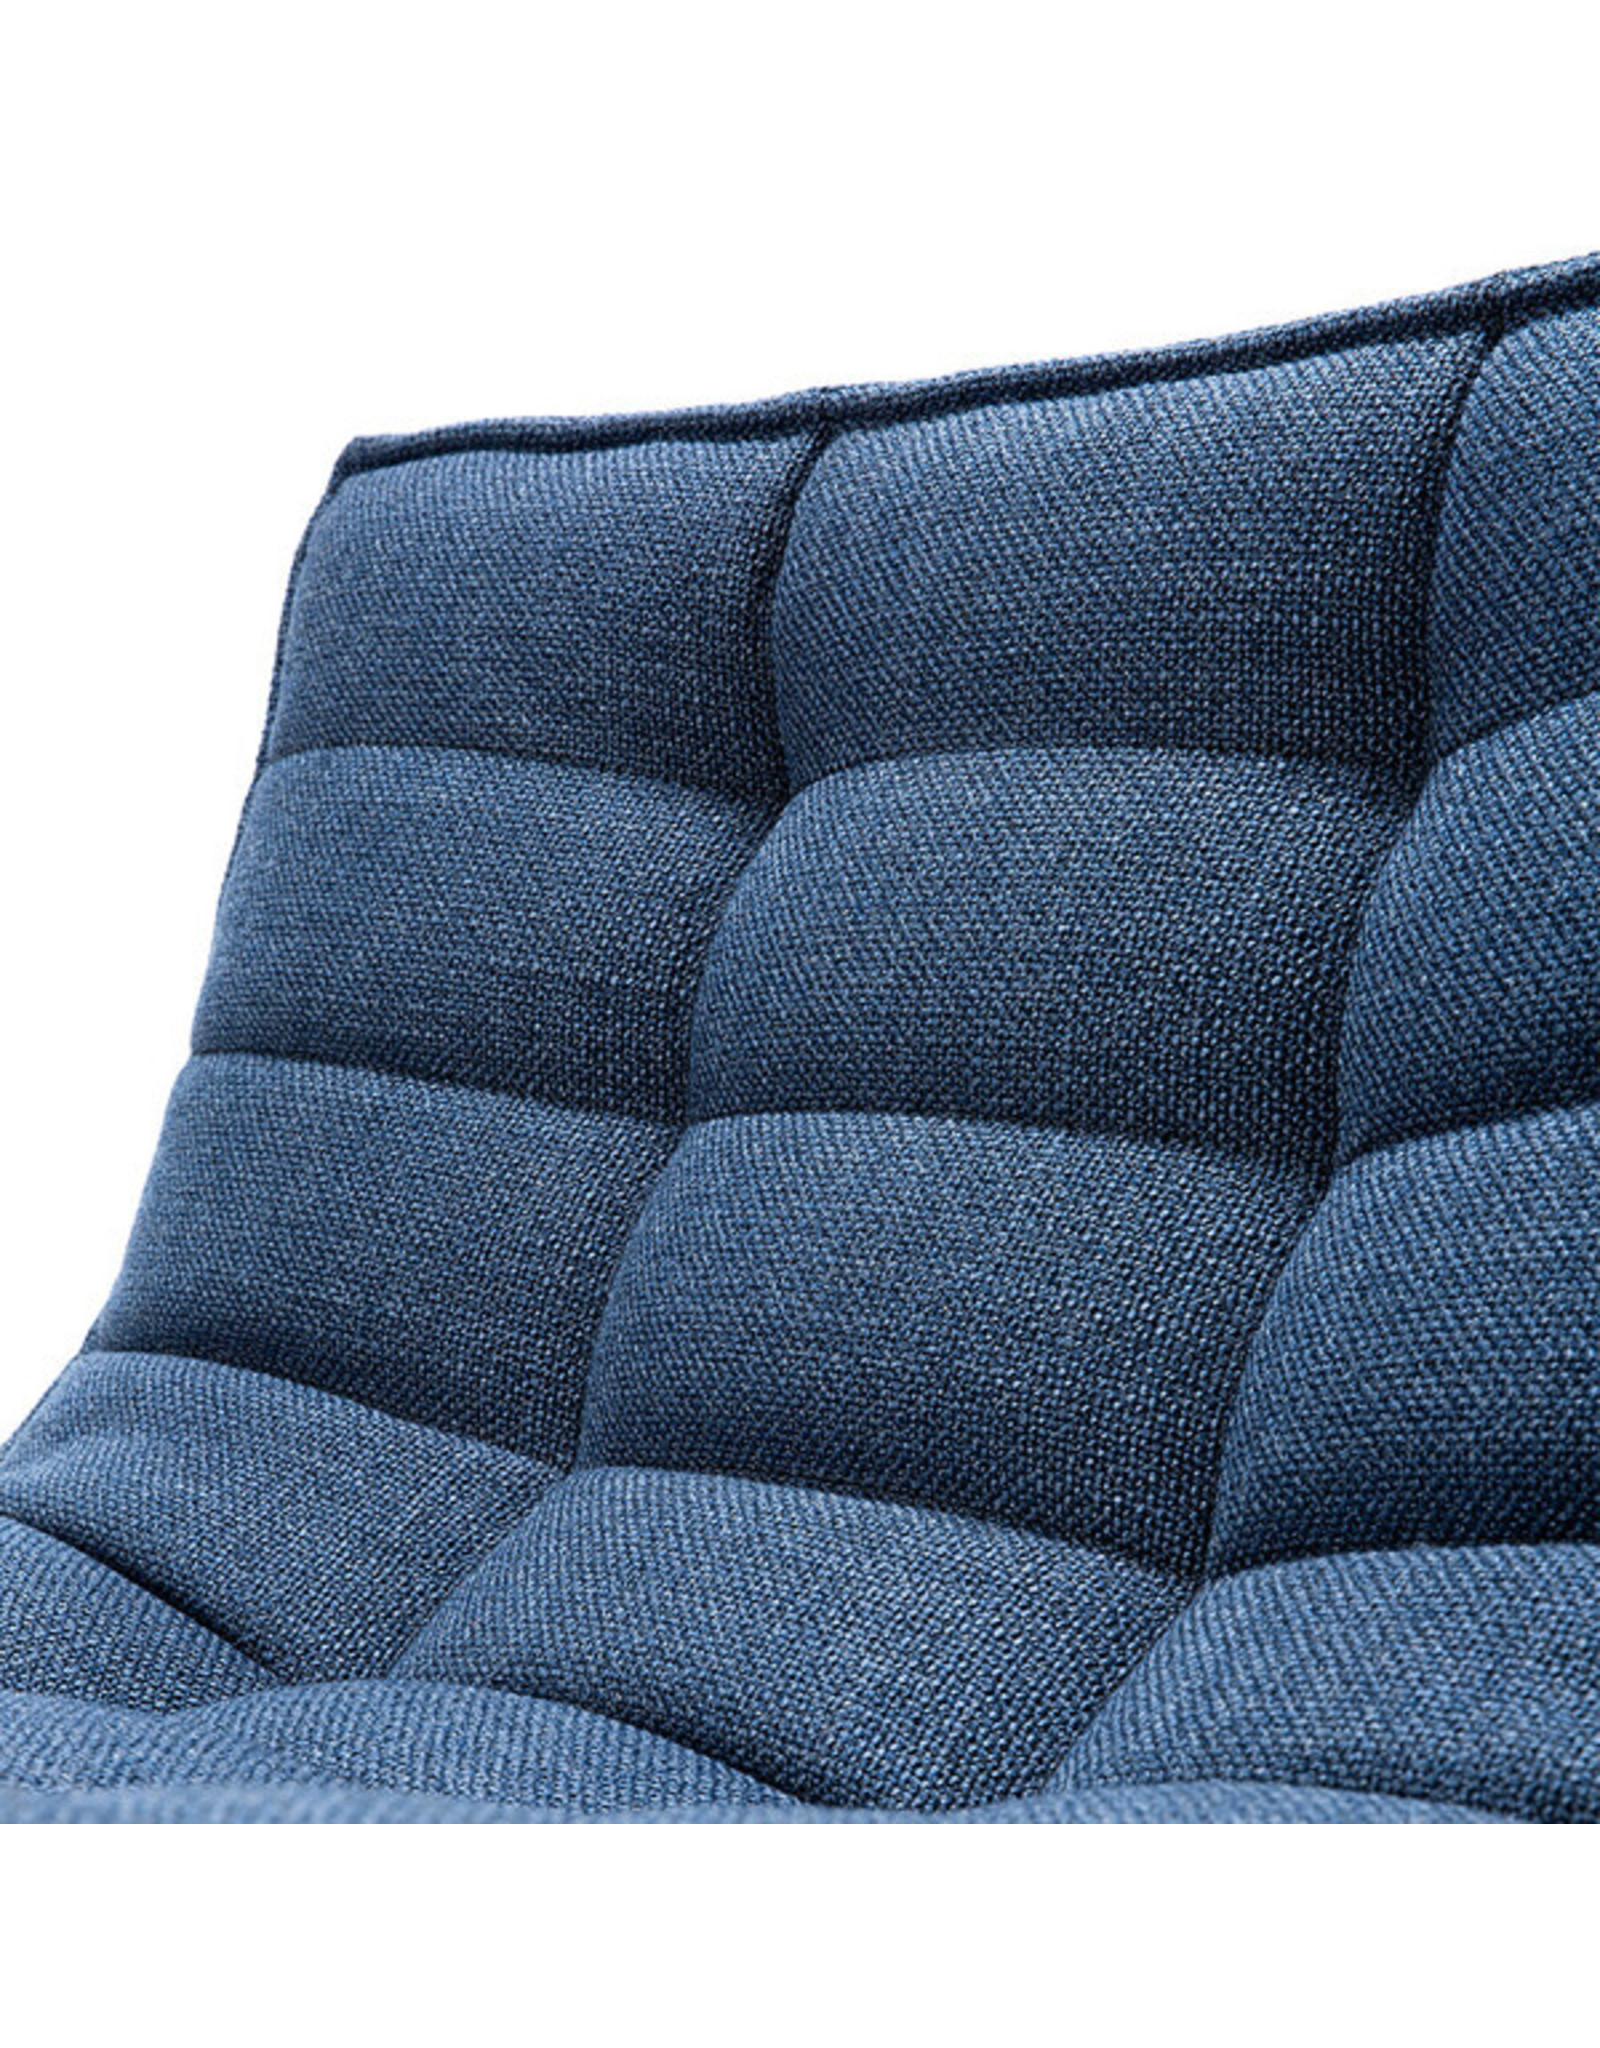 Ethnicraft N701 Sofa Round Corner - Blue